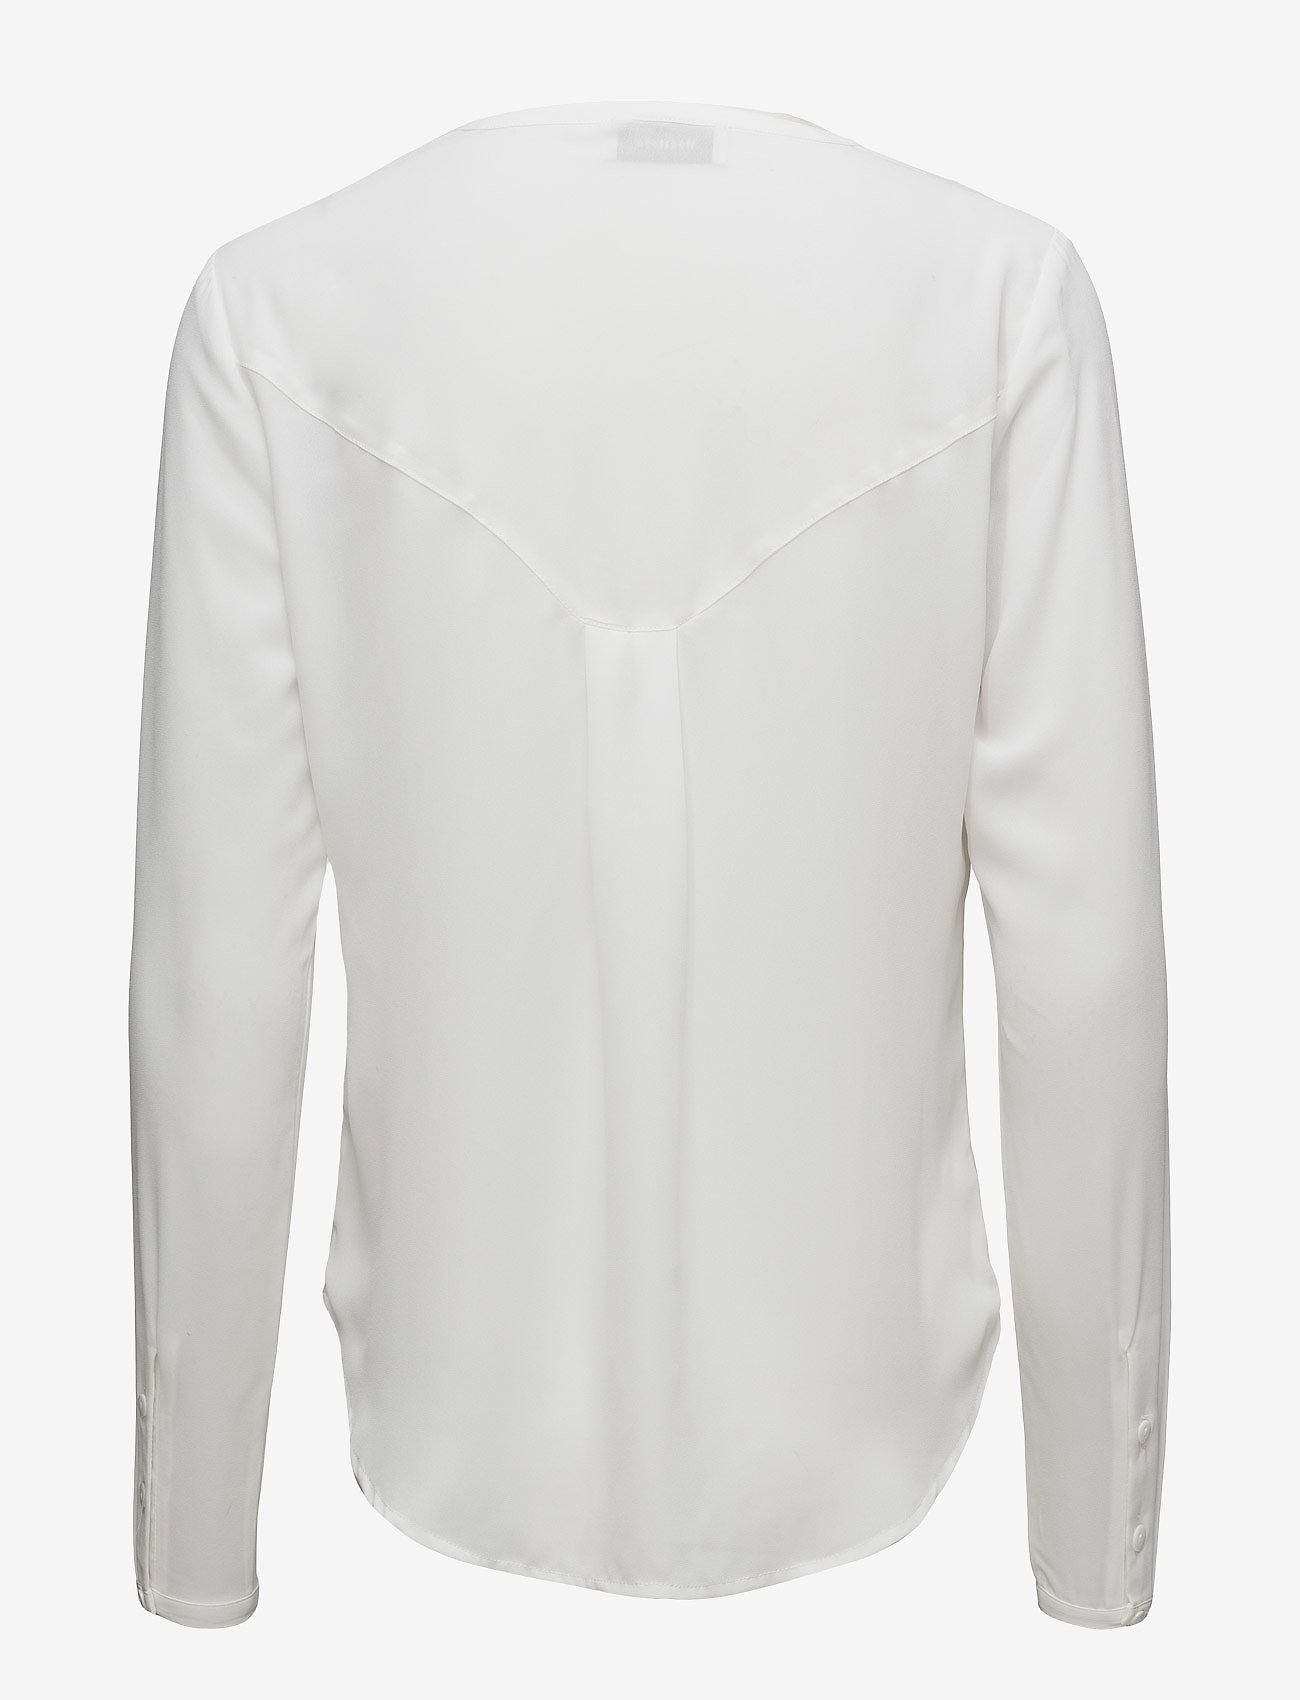 Modström - Cyler shirt - blouses à manches longues - porcelain - 1